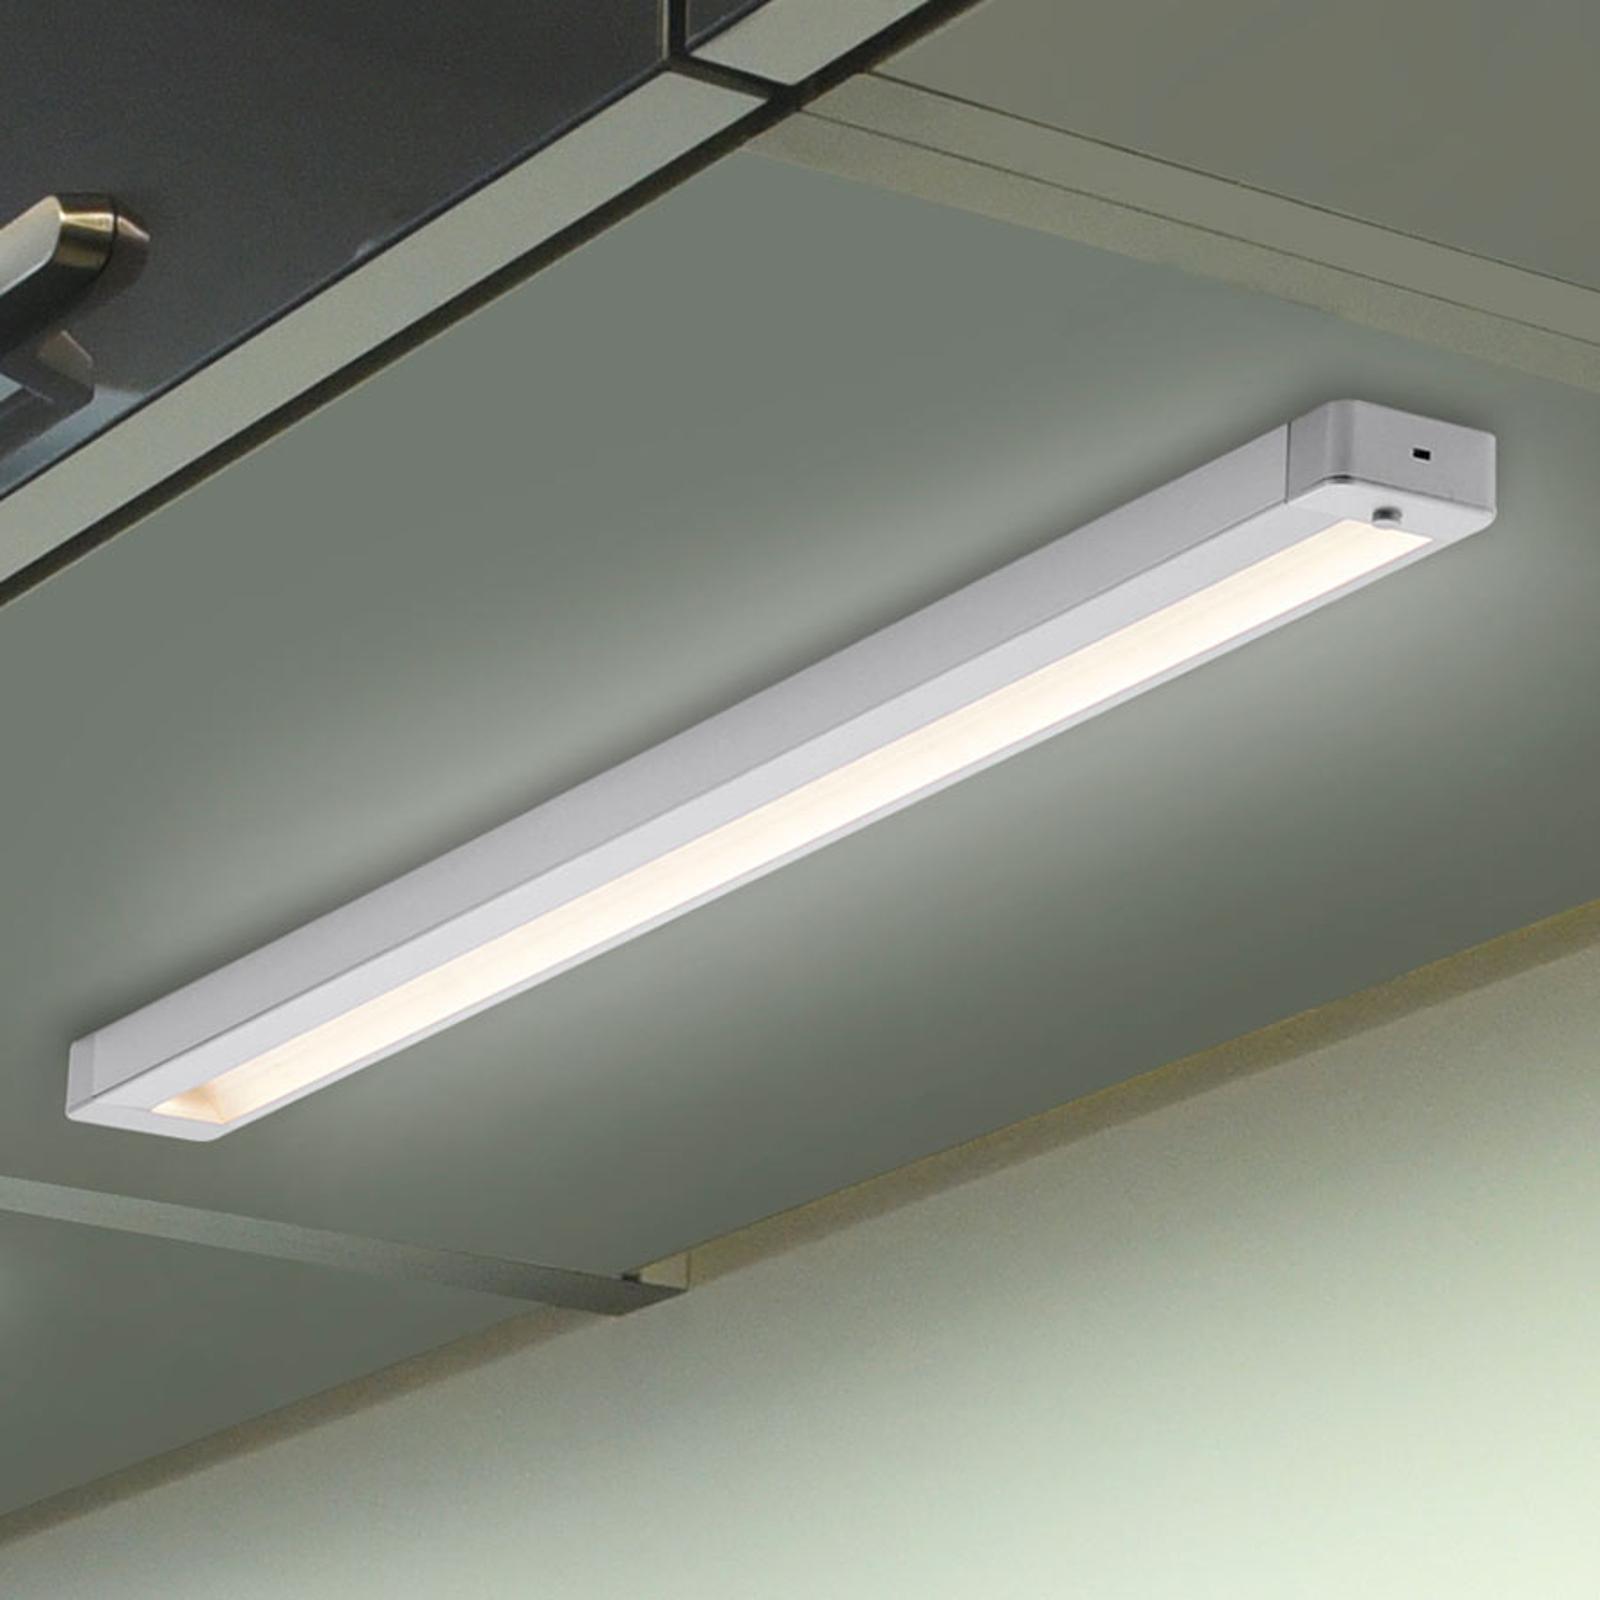 59,5 cm pitkä Helena-LED-kaapinalusvalaisin